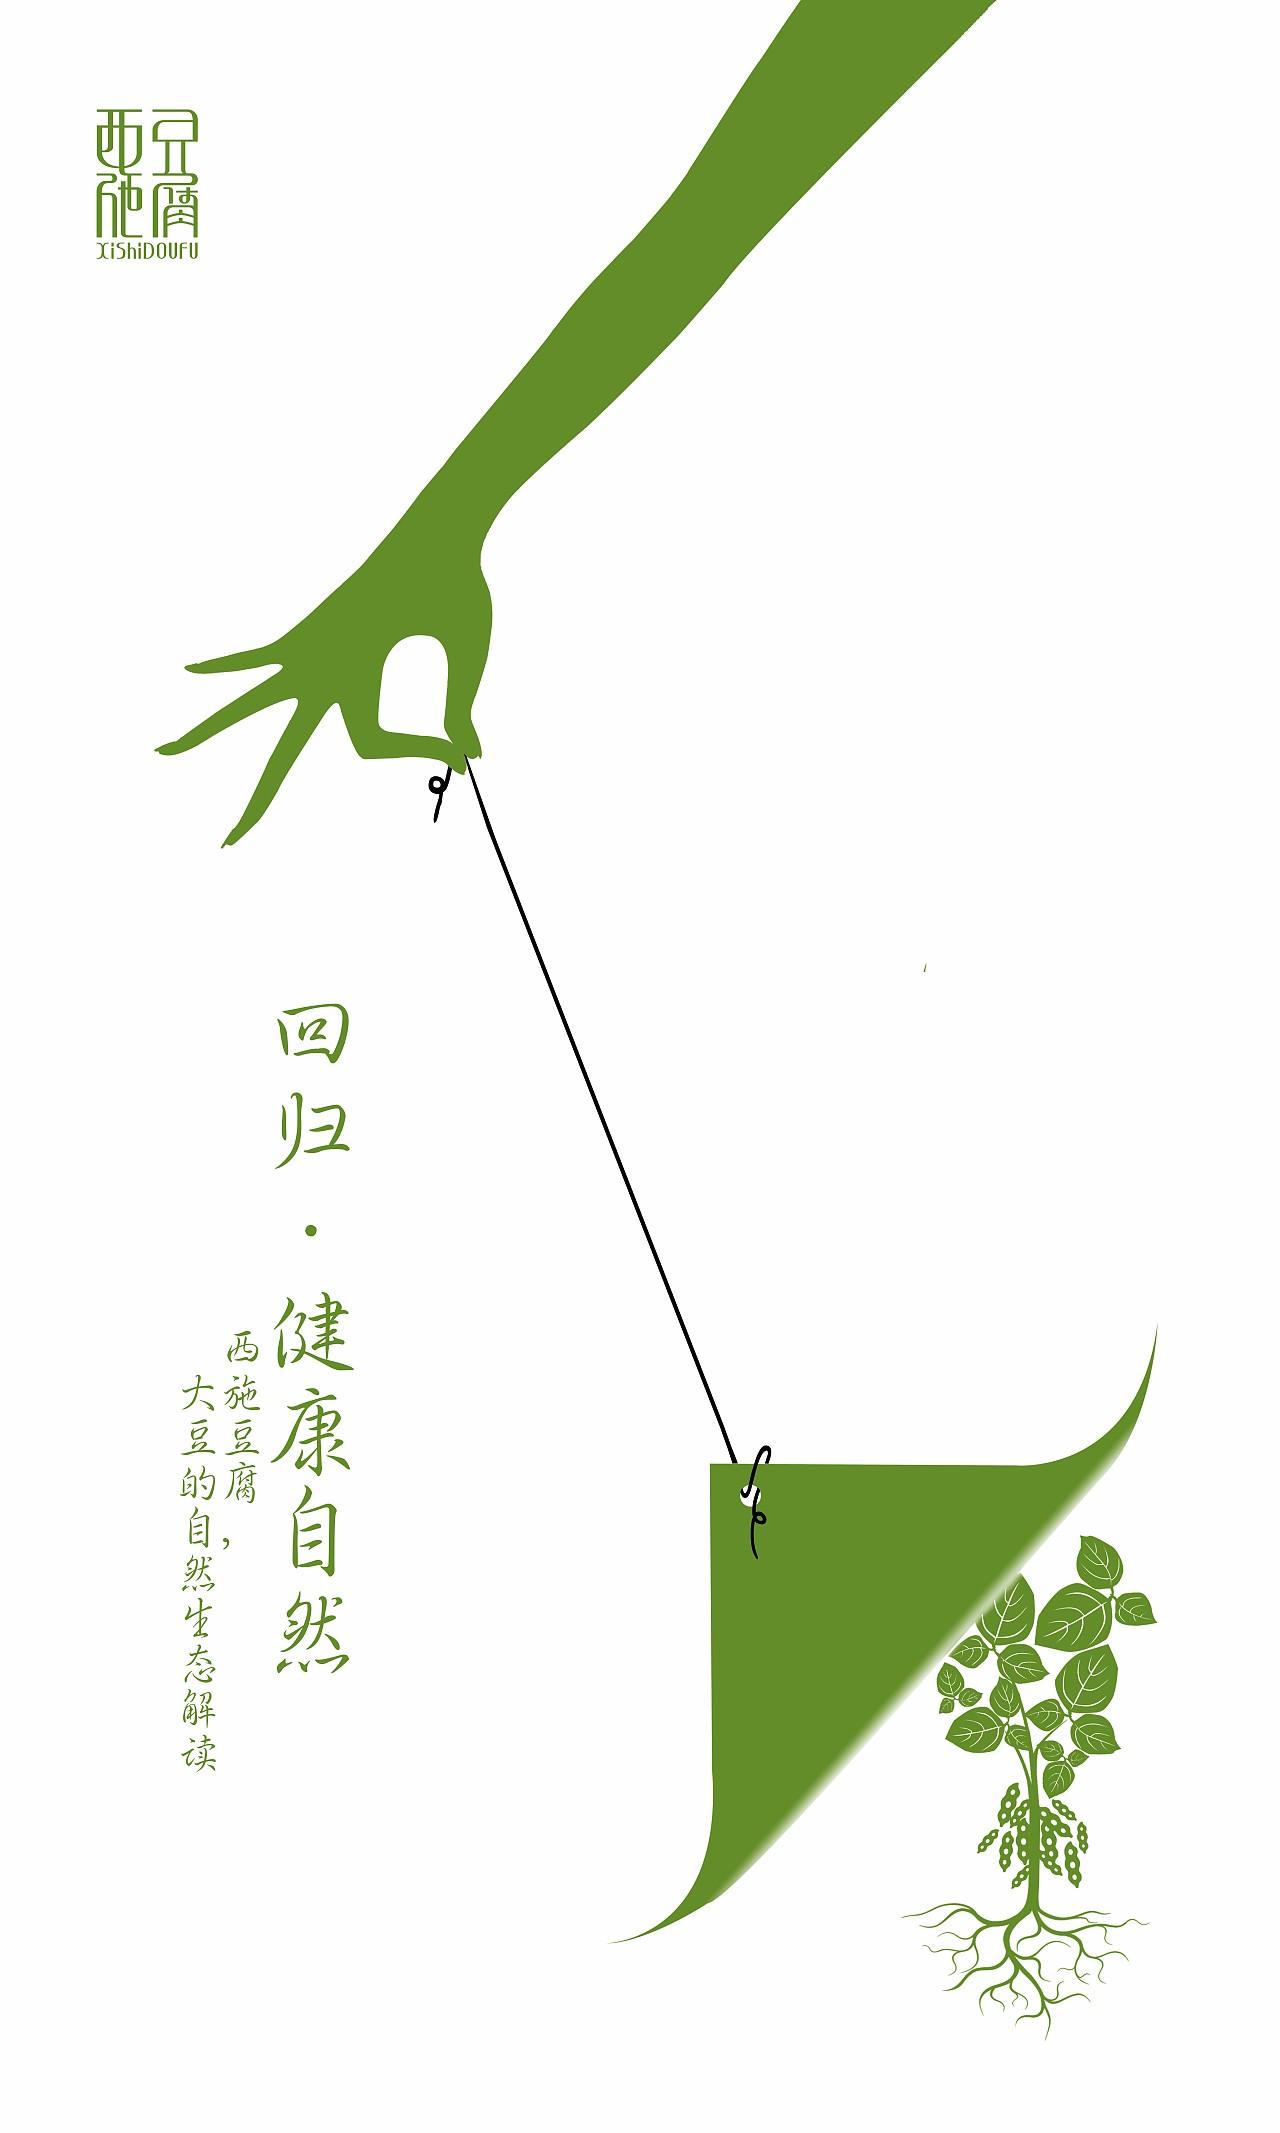 麦田 里 的 守望 者 中文 版